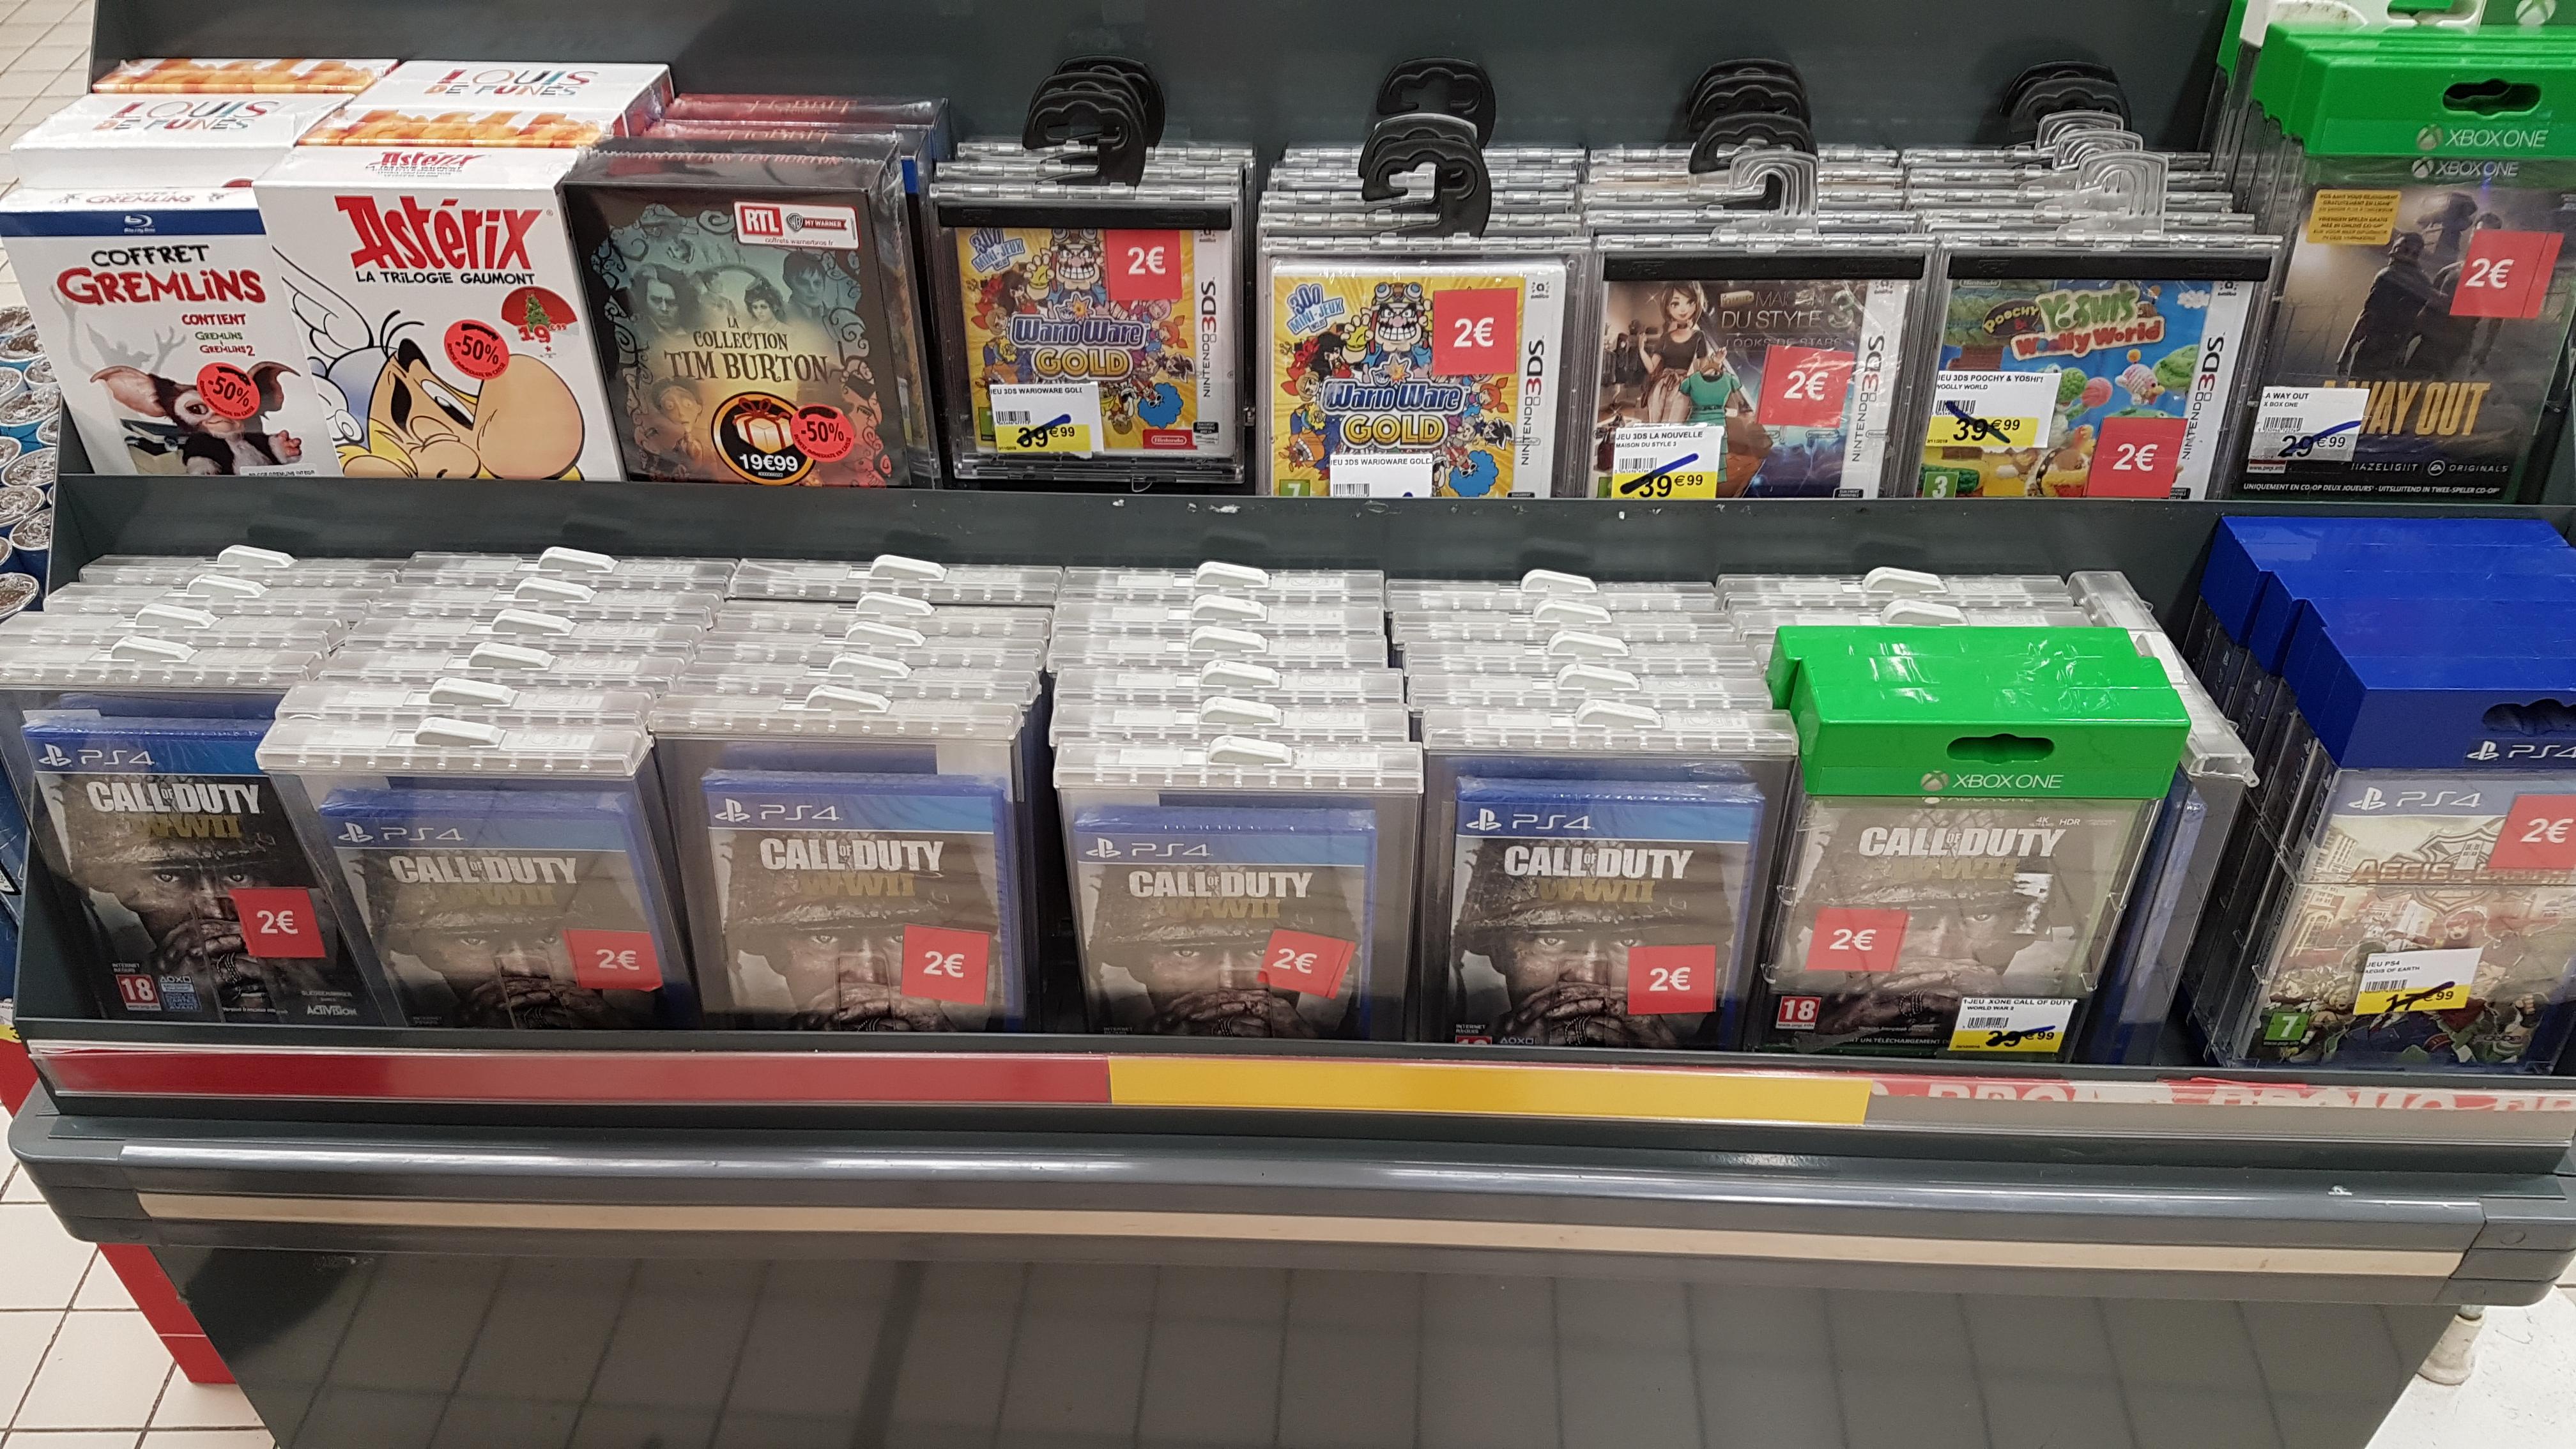 Sélection de jeux PS4/XBOX One et 3DS (plusieurs Mario) en promotion - Ex: Call of Duty WWII sur PS4 - Cambrai (59)